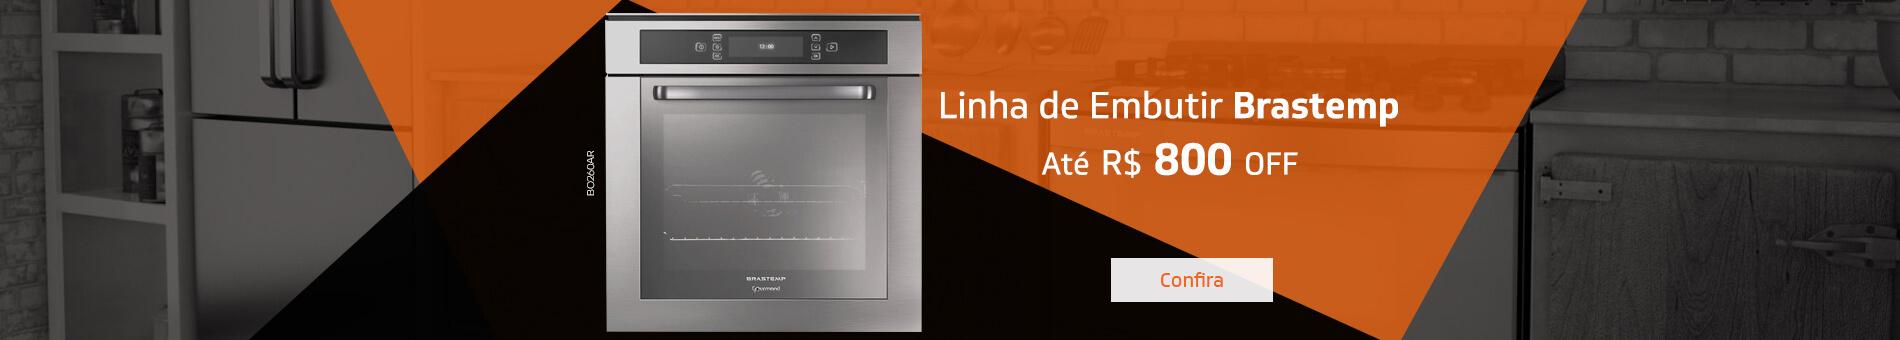 Promoção Interna - 918 - generico_embutir_home4_29092016 - embutir - 4